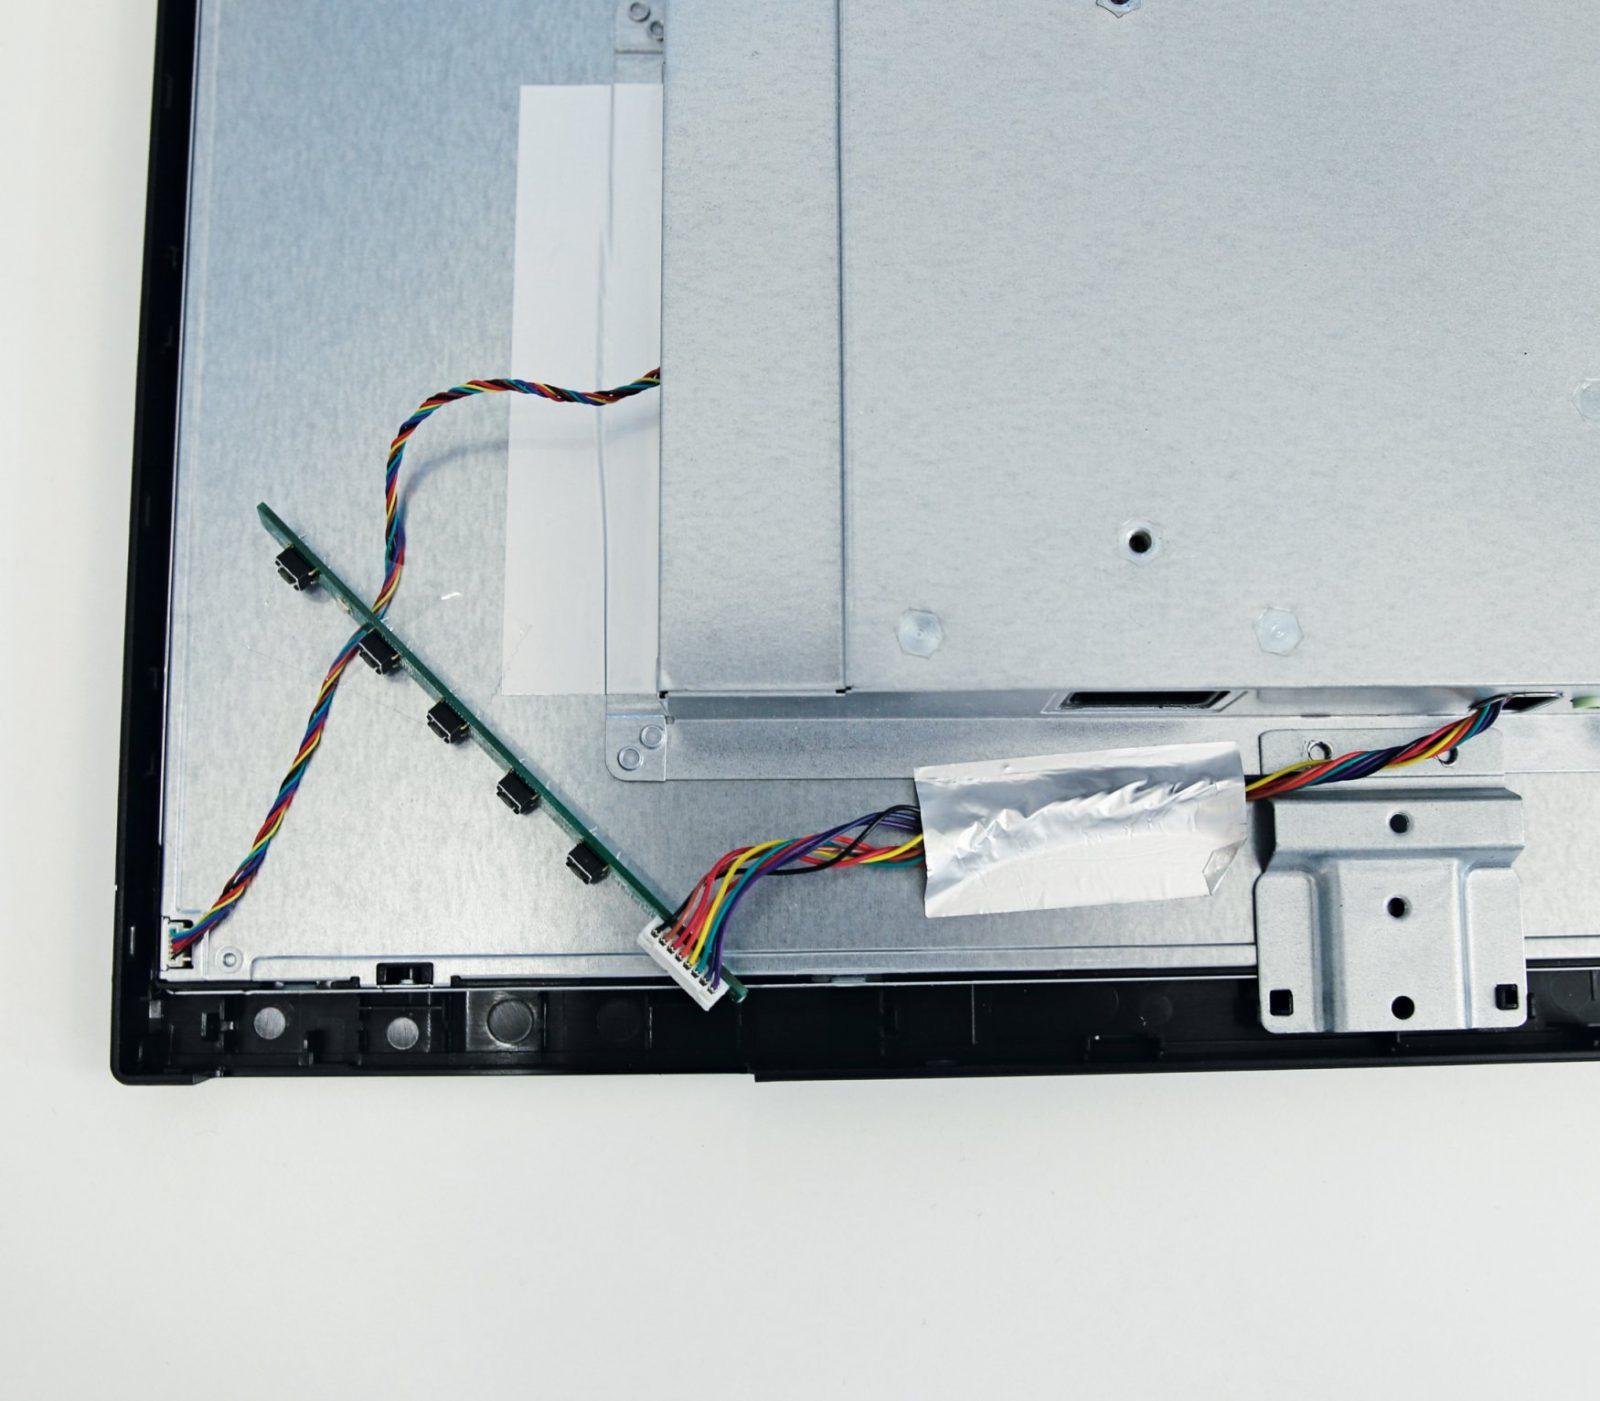 Kabel An Wand Befestigen  Smartstore von Kabel An Wand Befestigen Klemme Bild